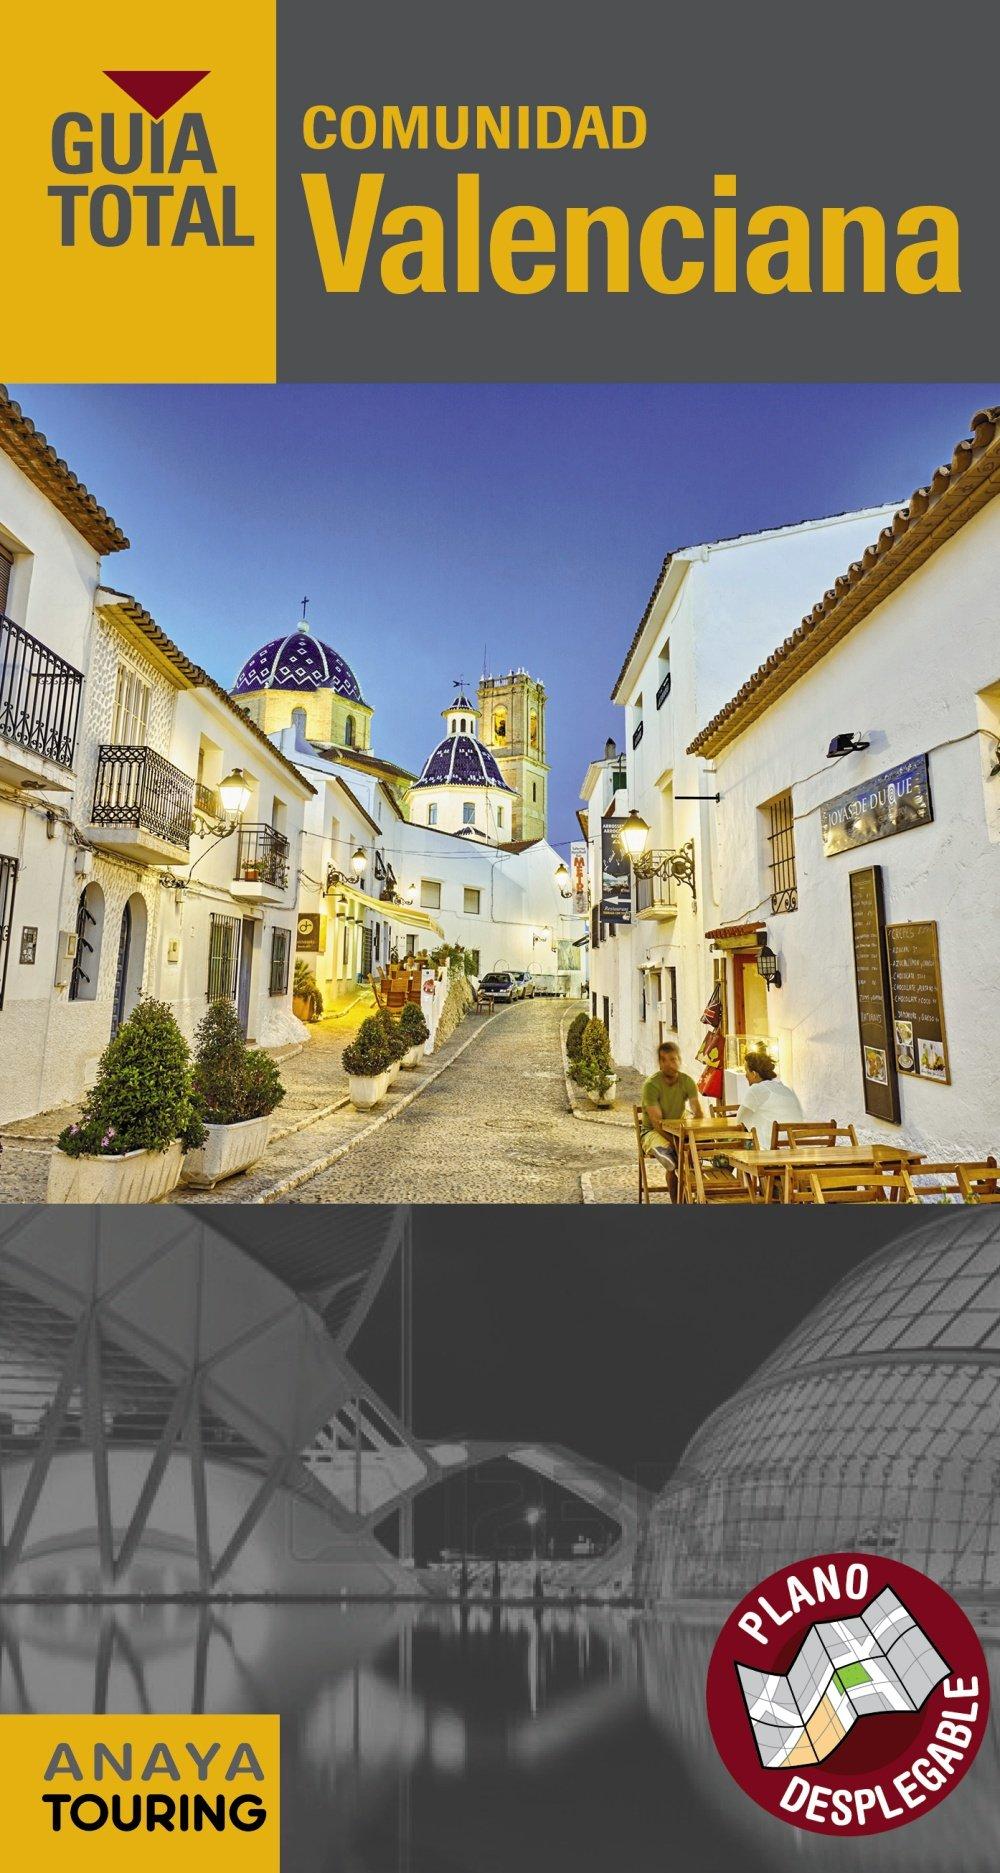 Comunidad Valenciana (Guía Total - España): Amazon.es: Anaya ...